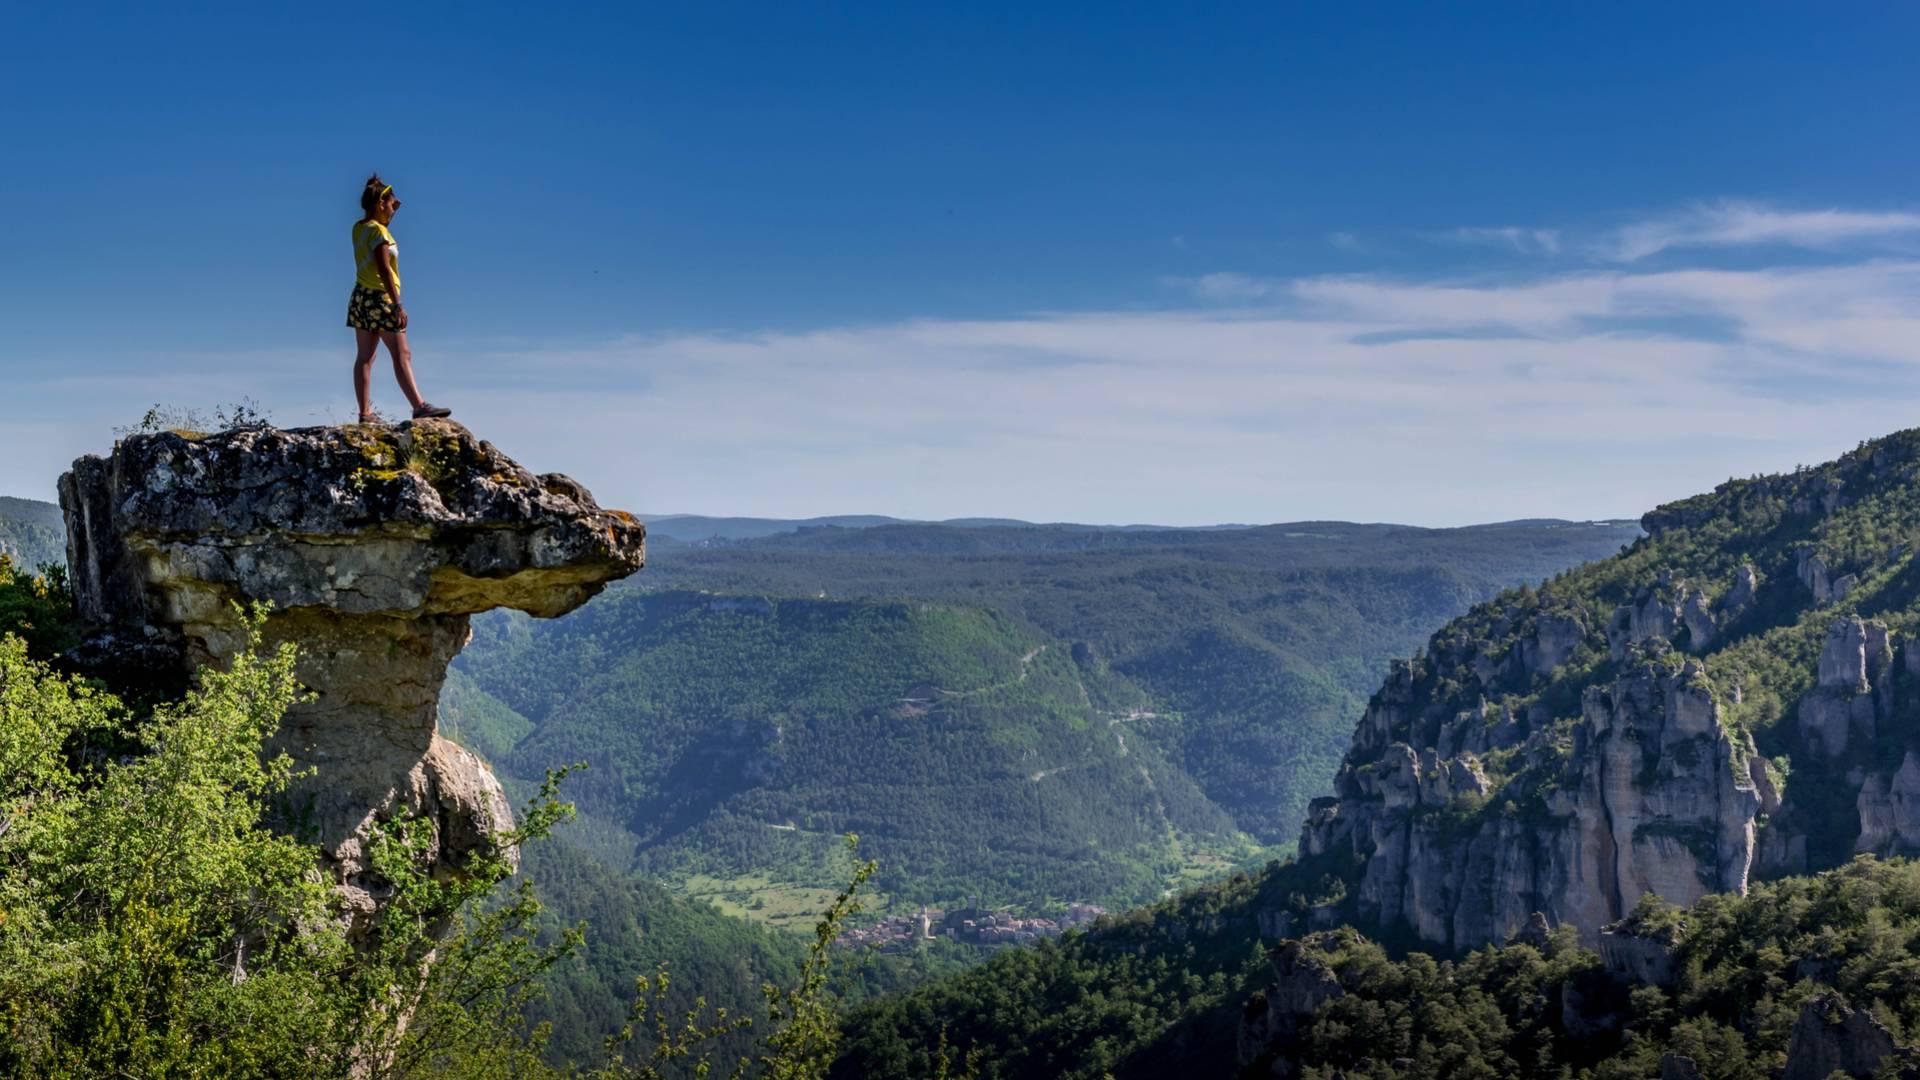 Randonnée Villages troglodytiques des Gorges du Tarn  - tabulaire